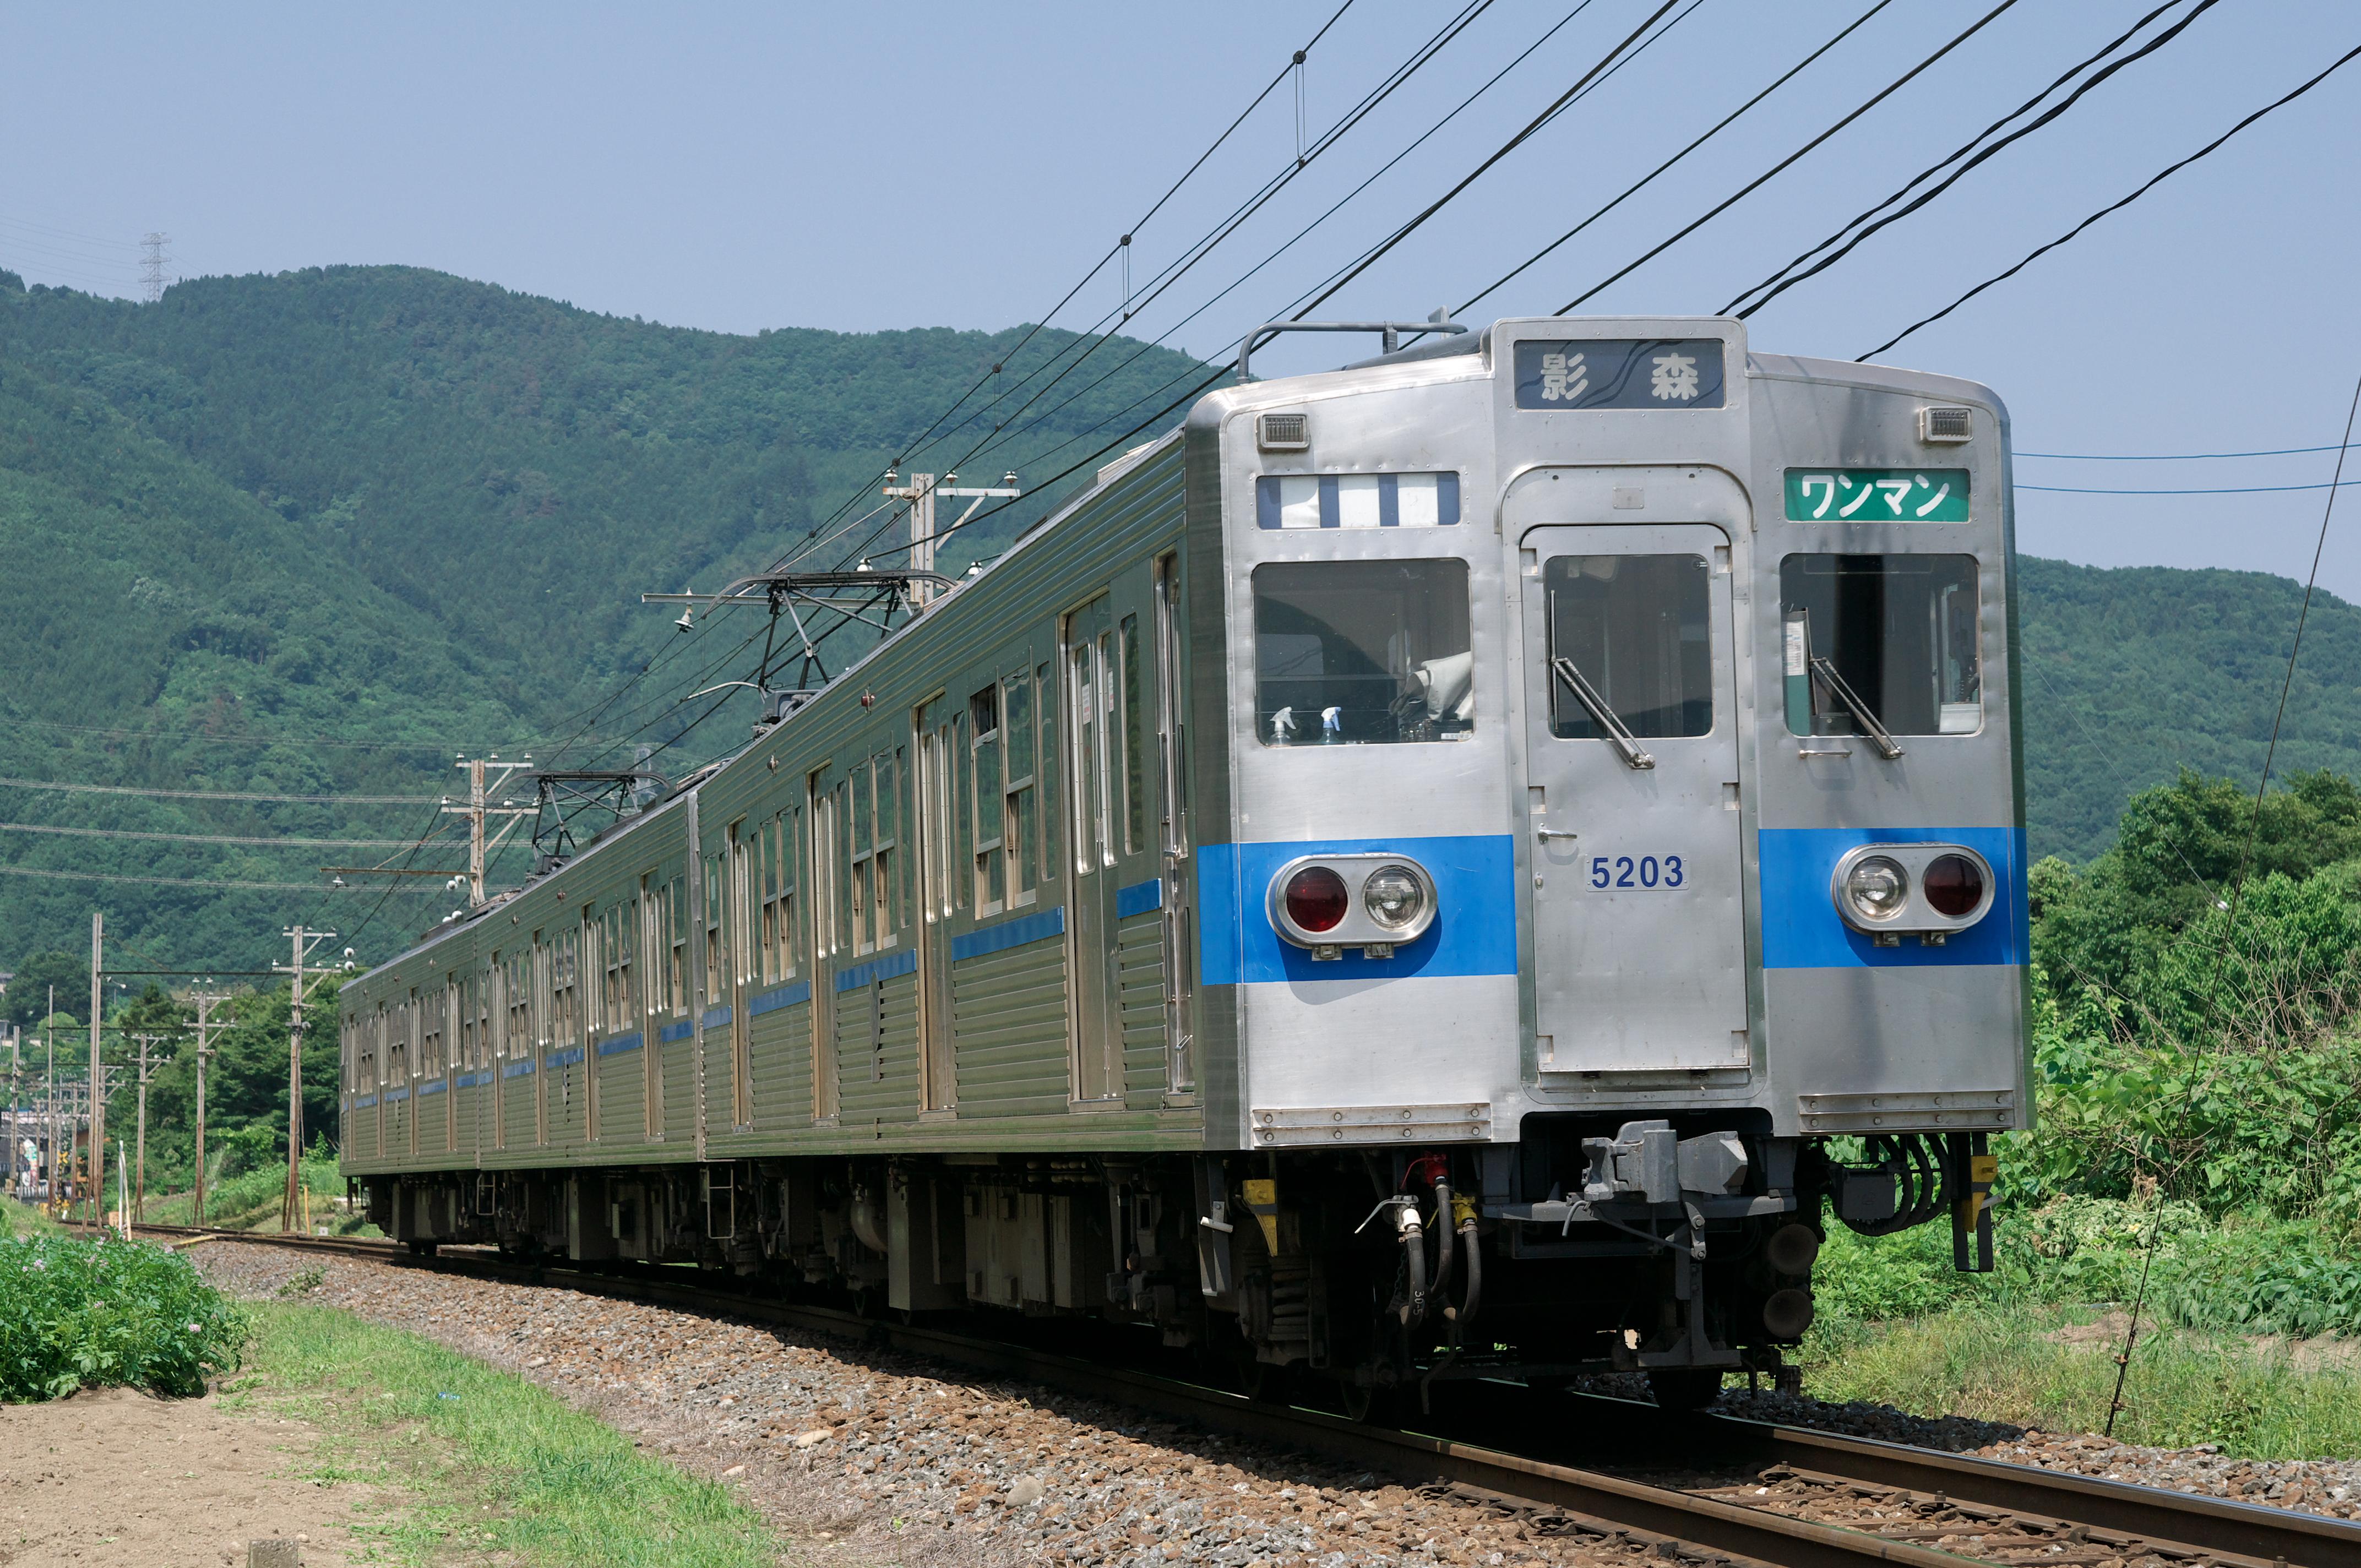 https://upload.wikimedia.org/wikipedia/commons/9/96/Chichibu_railway_5203_20110606.jpg